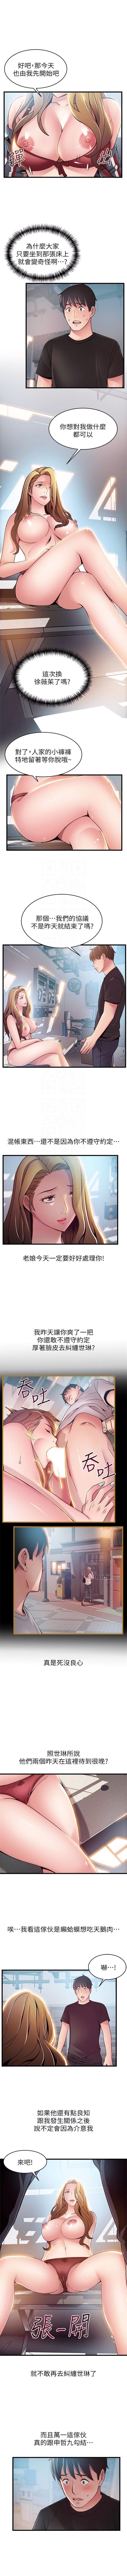 (週7)弱點 1-76 中文翻譯(更新中) 322